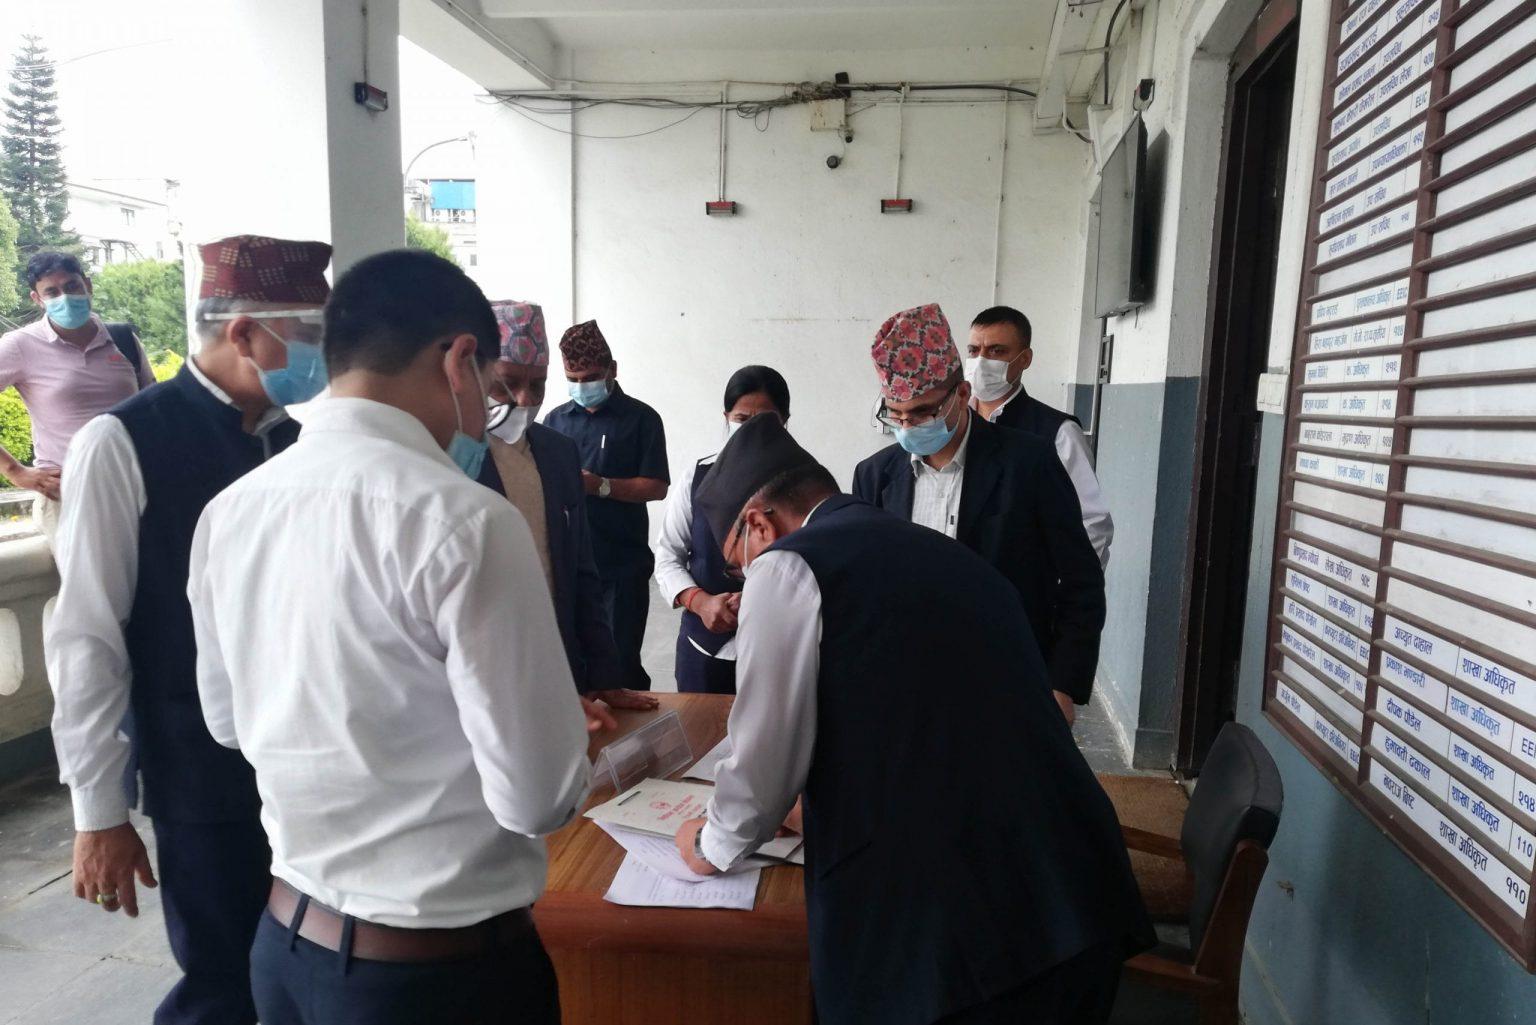 माधव नेपाललाई २० प्रतिशत सांसद पुर्याउन कठिन, आफ्नाले साथ छोडे, पार्टी संकटमा